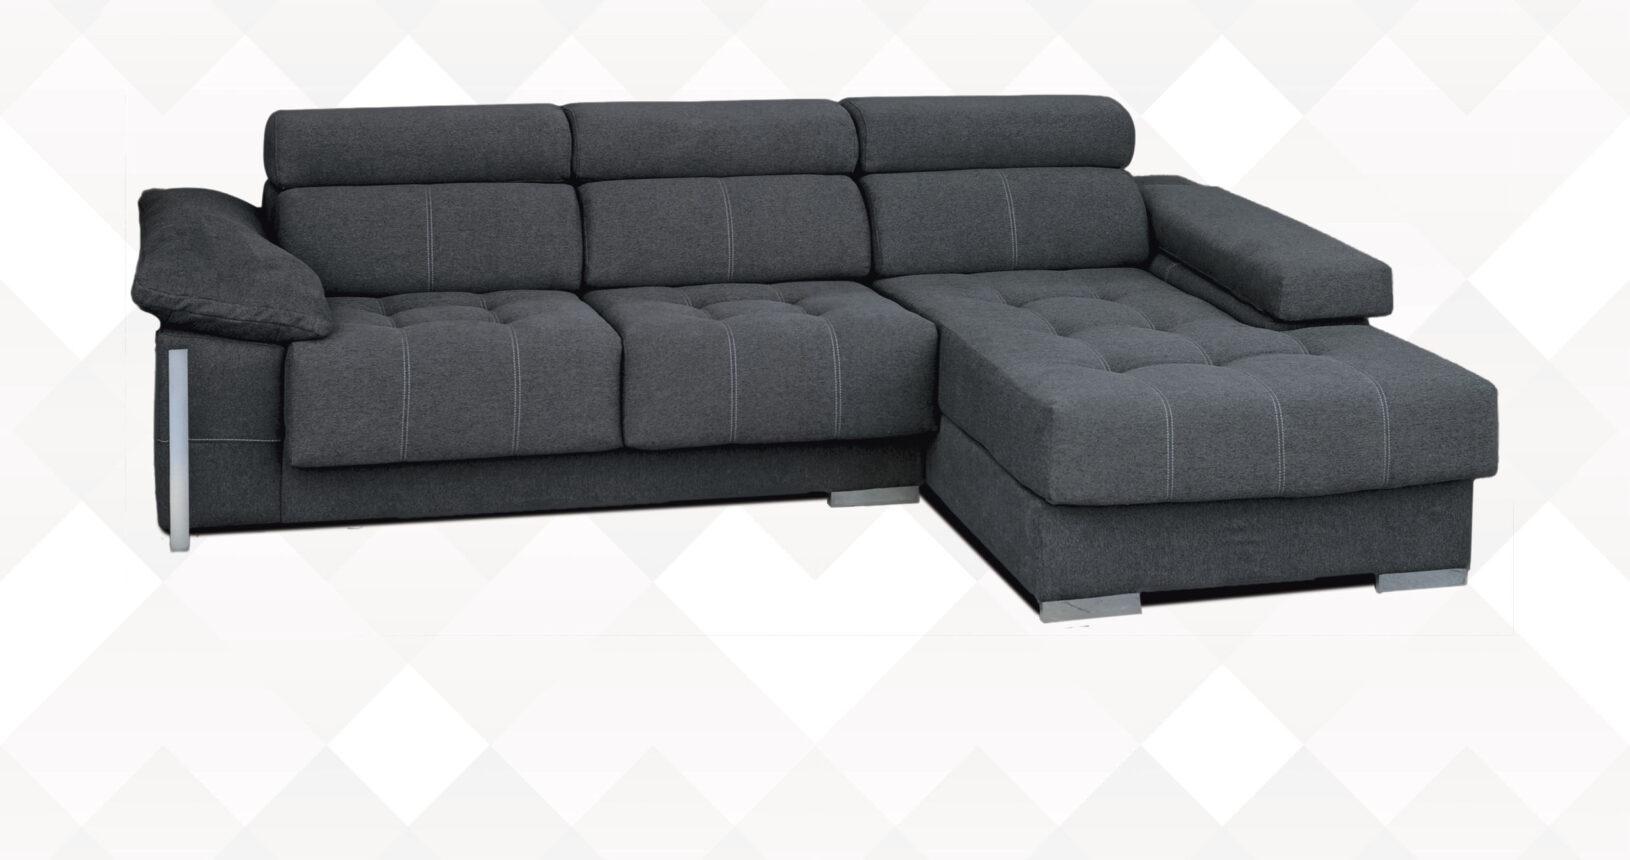 descanso sofás dover mundococina.eu